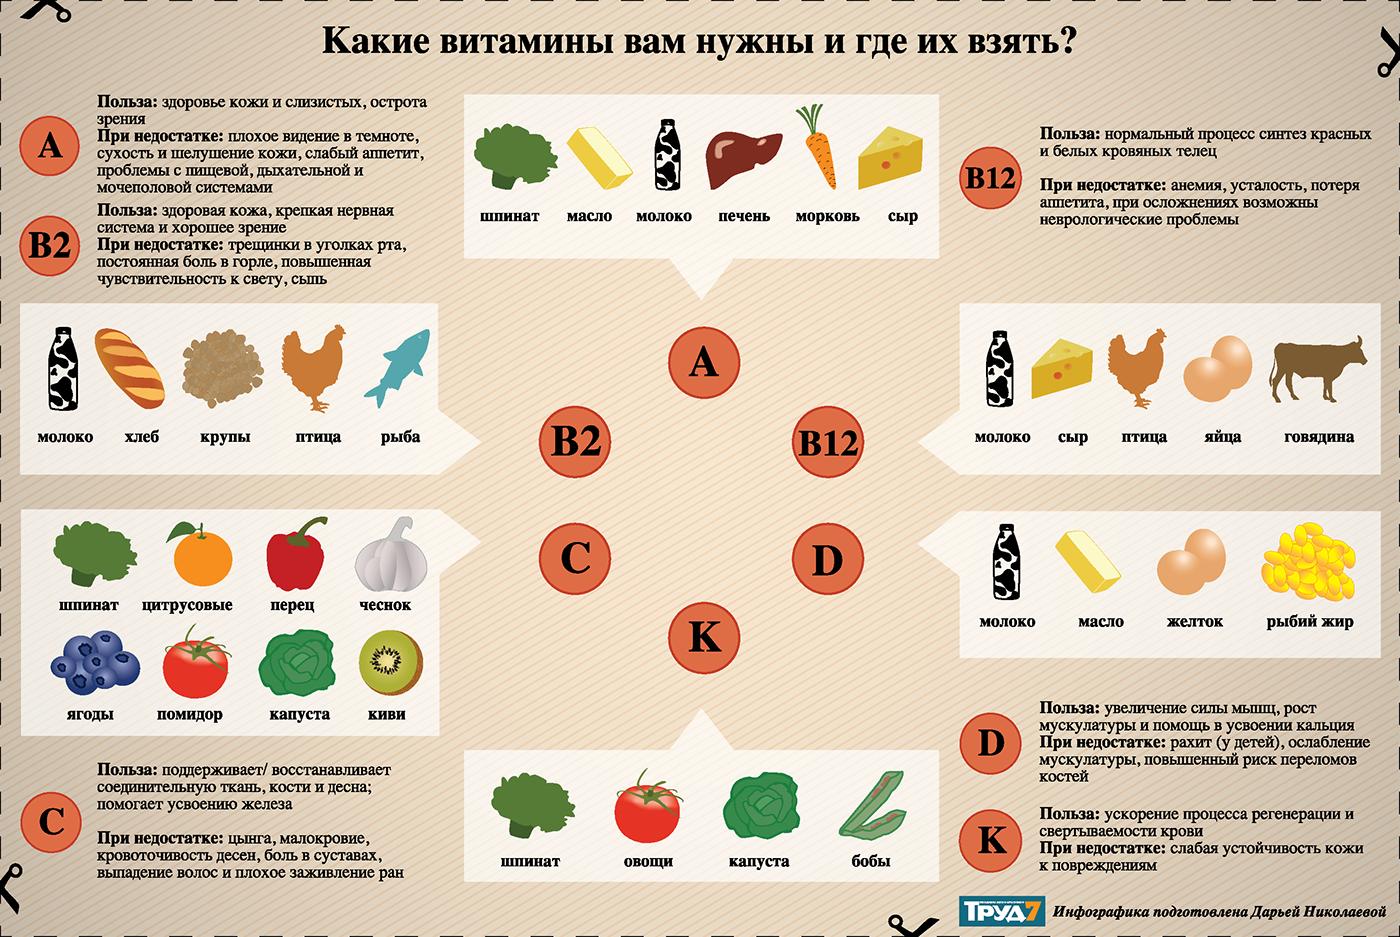 Почему витамин д нужно давать утром 65